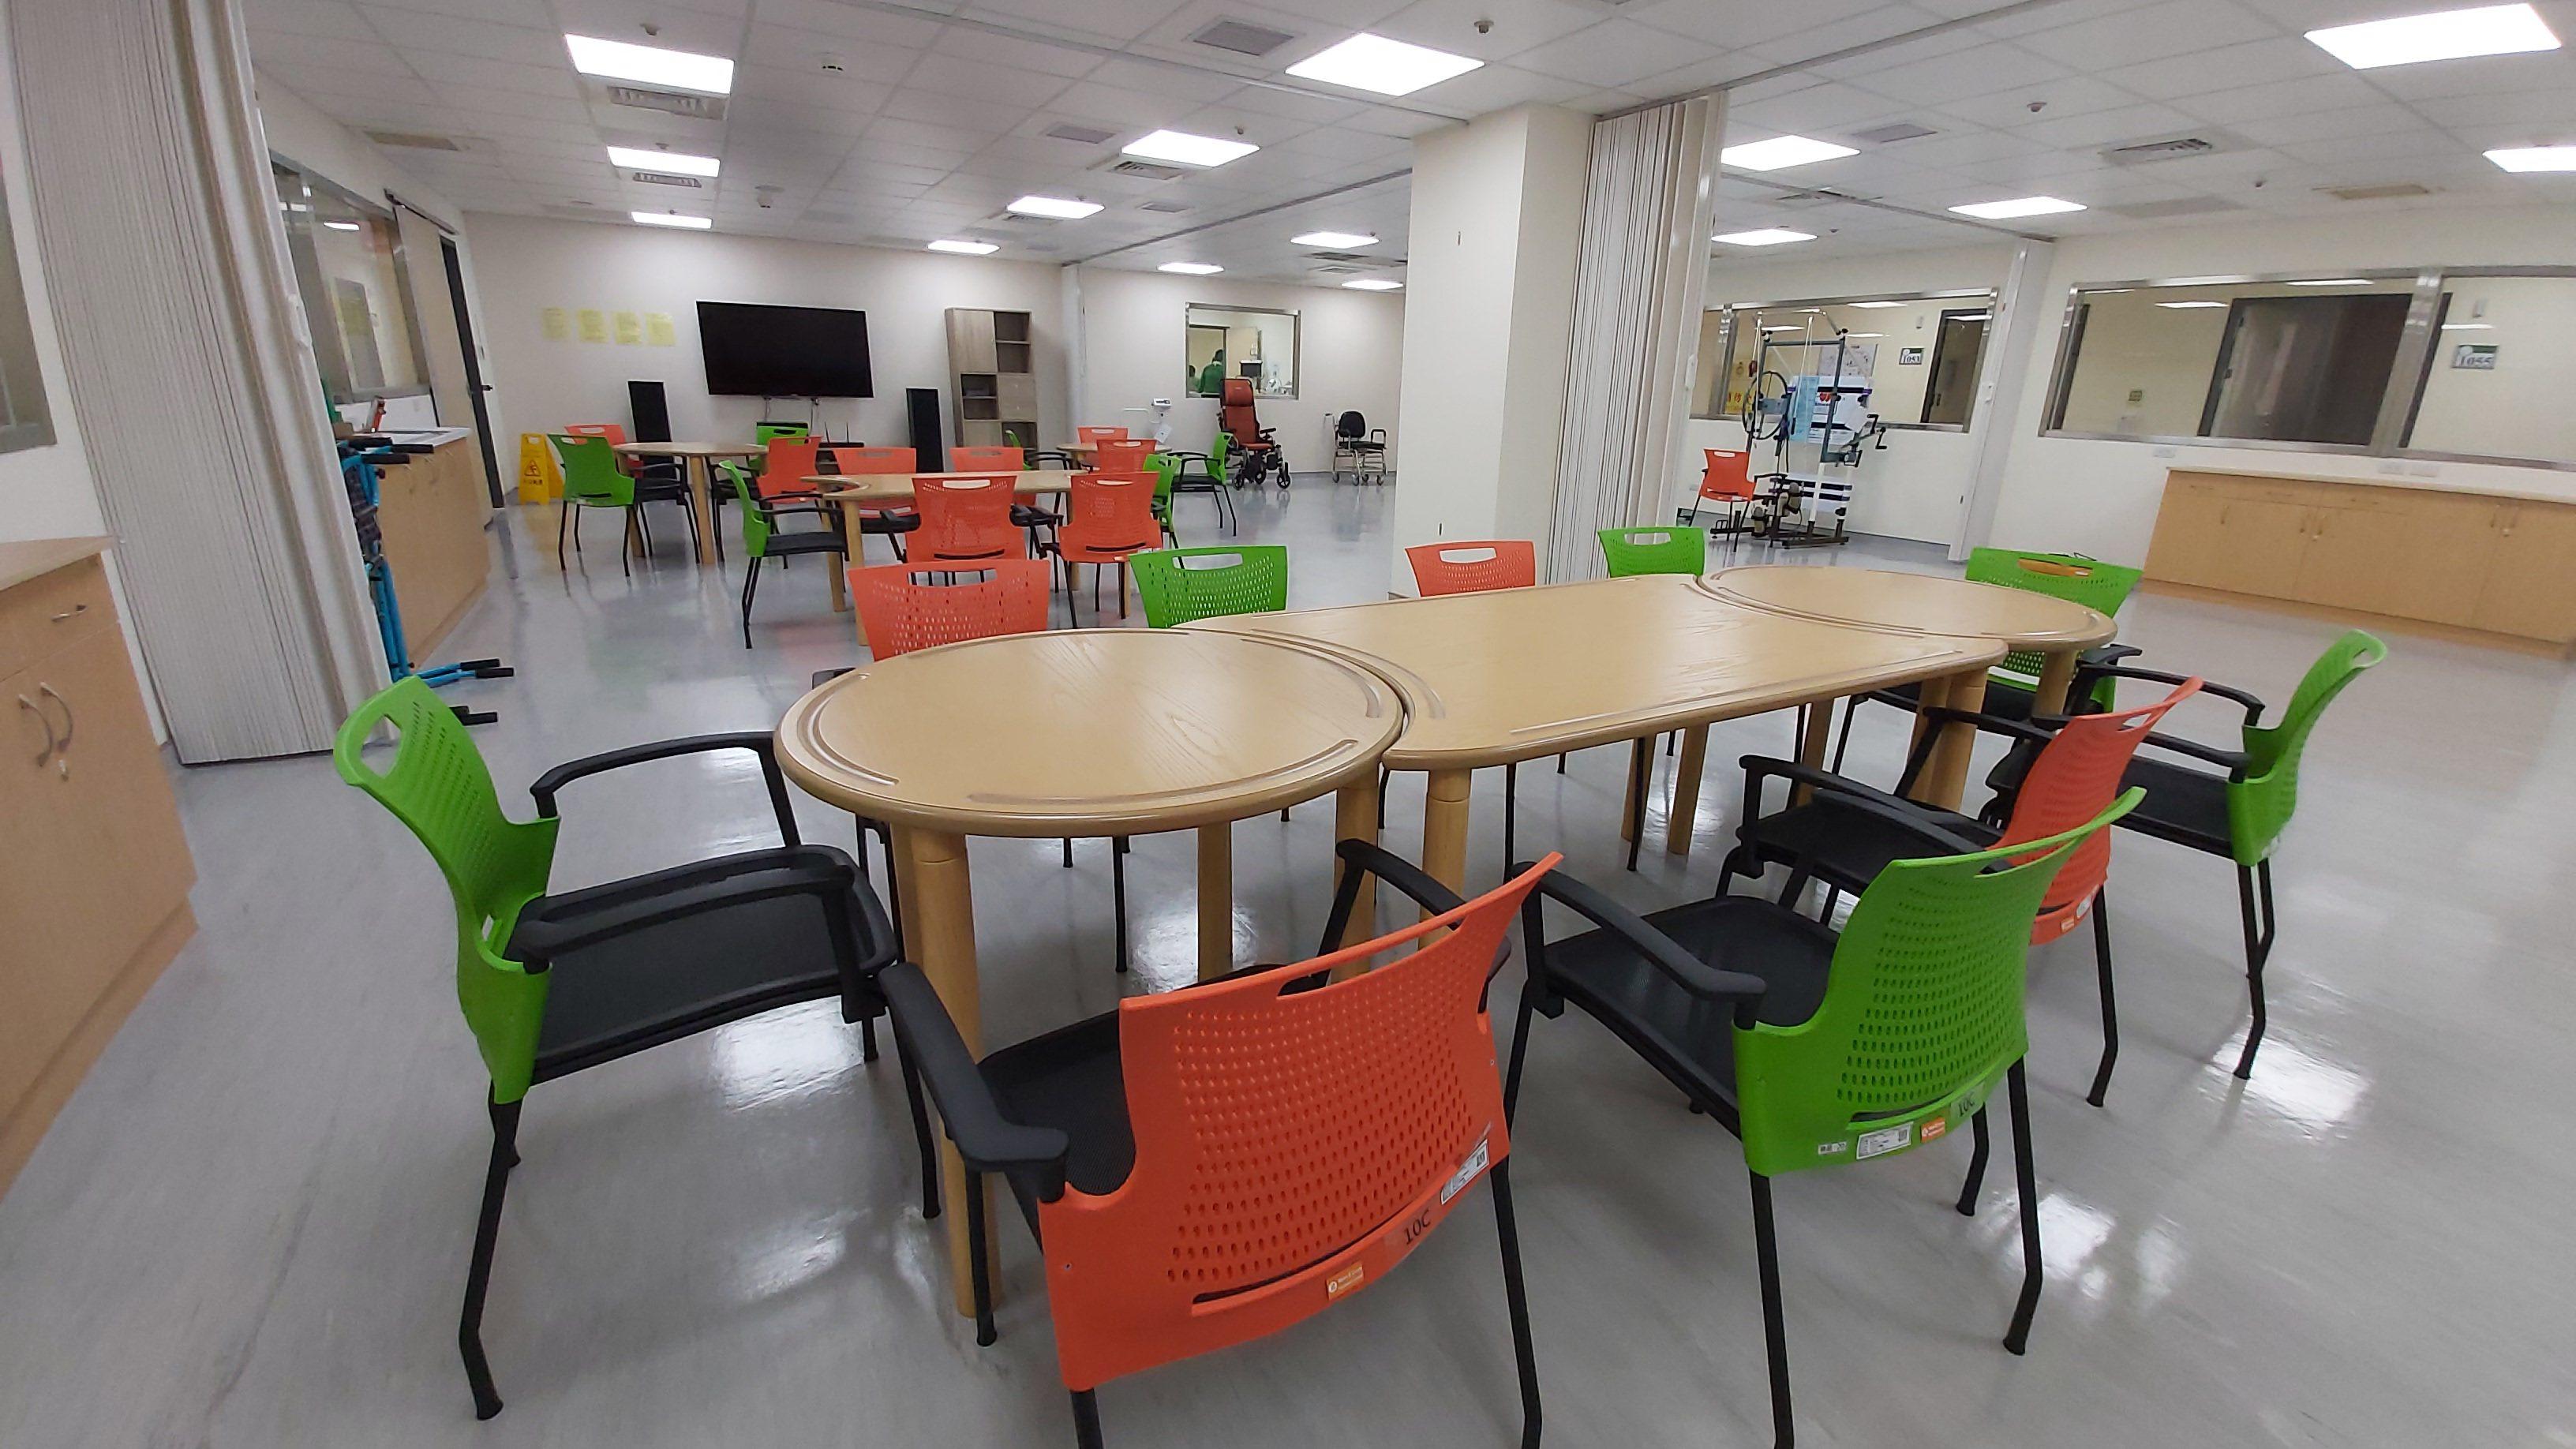 大型活動室備有餐桌椅、影音娛樂